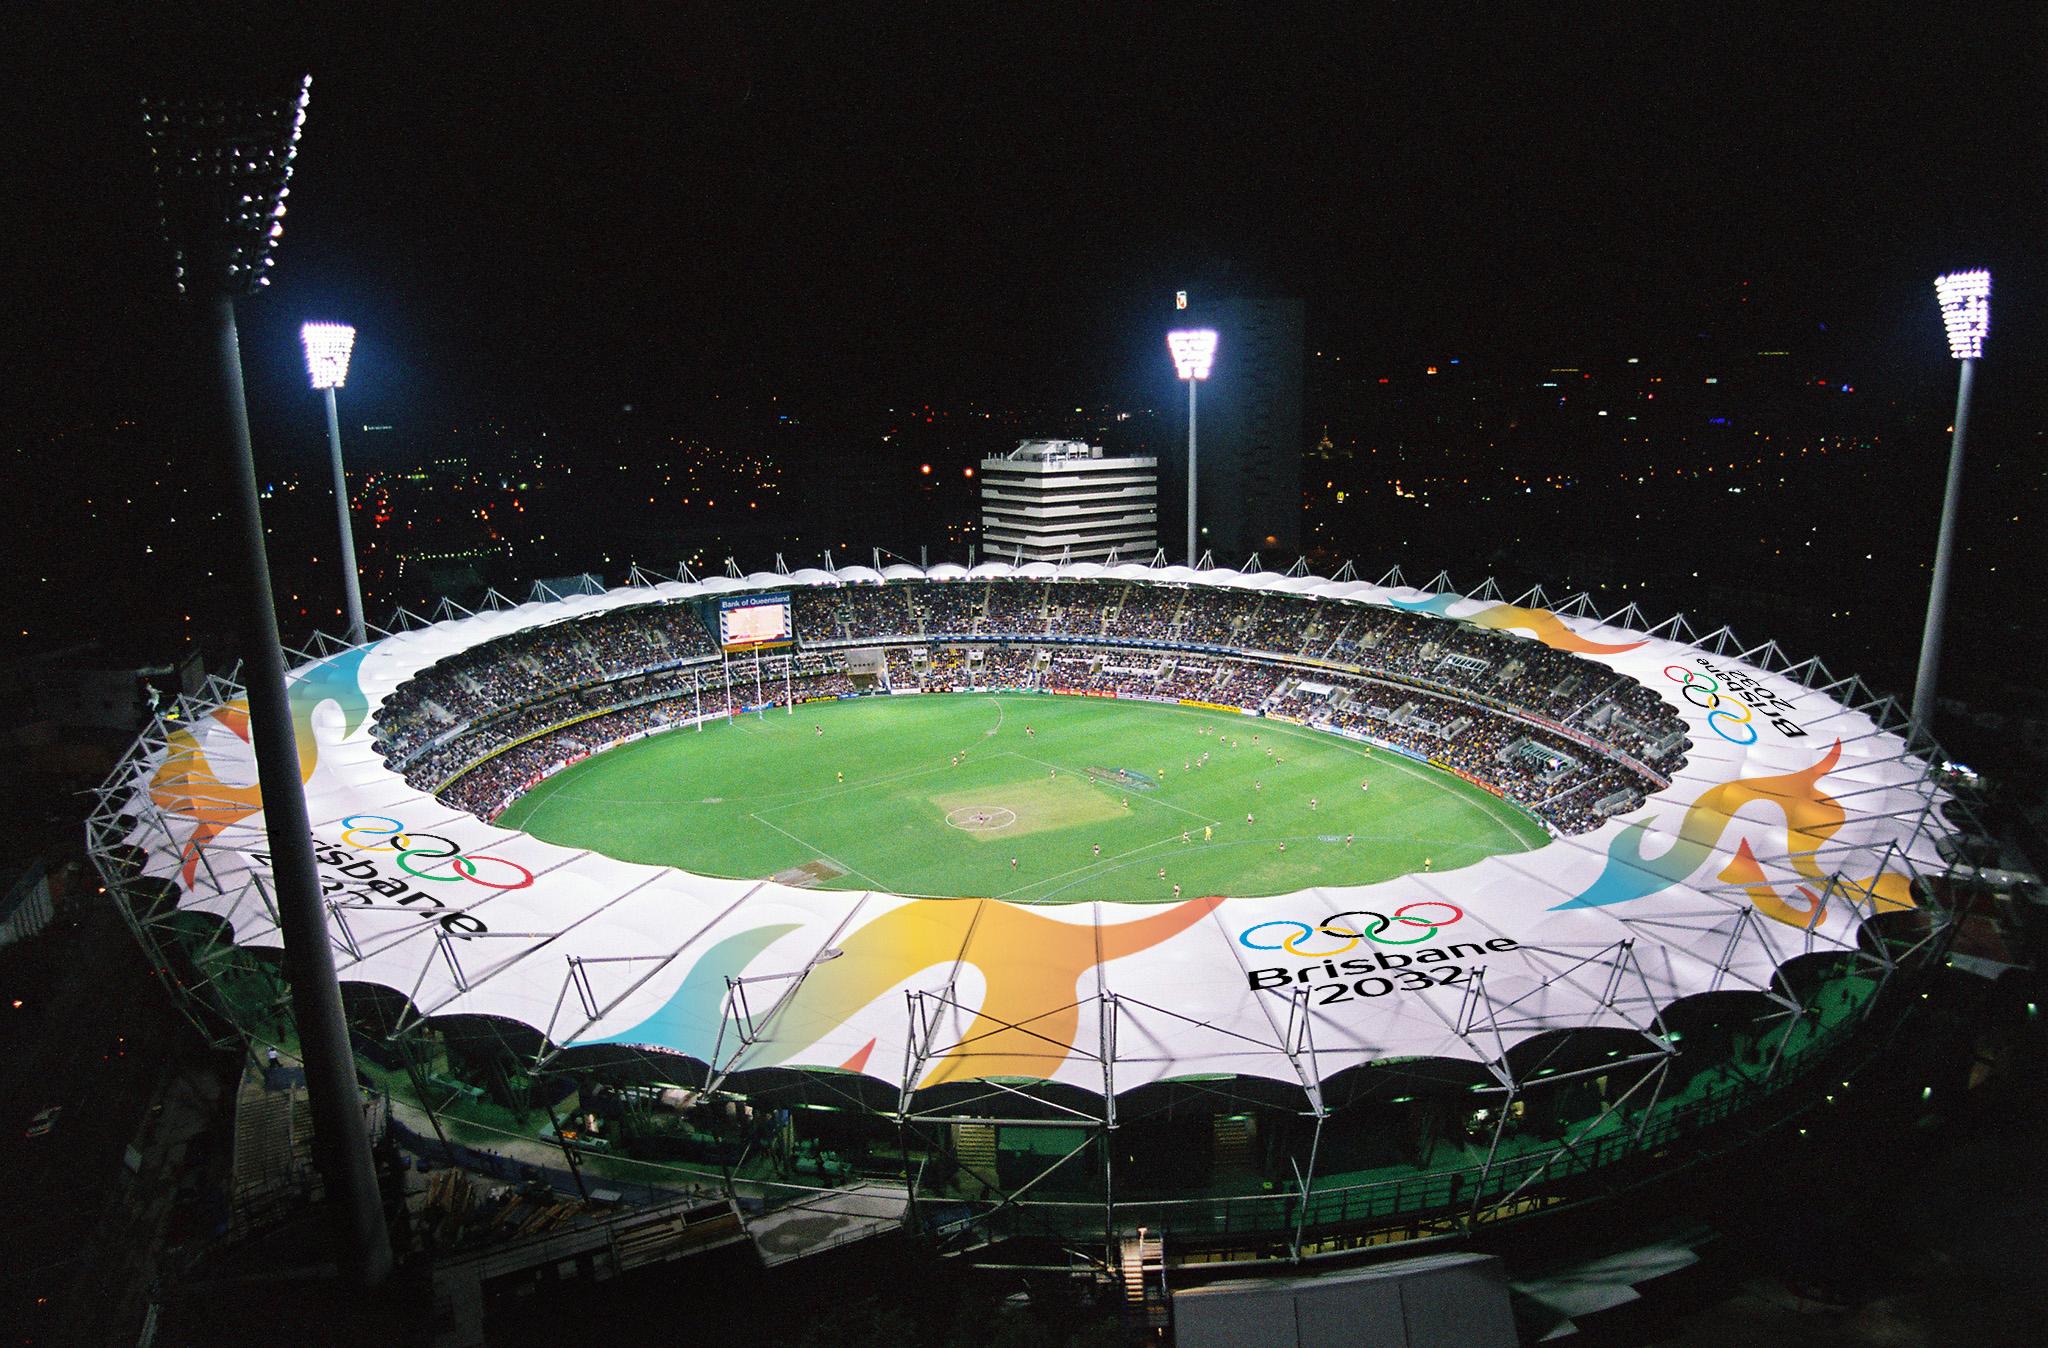 stadium2.png